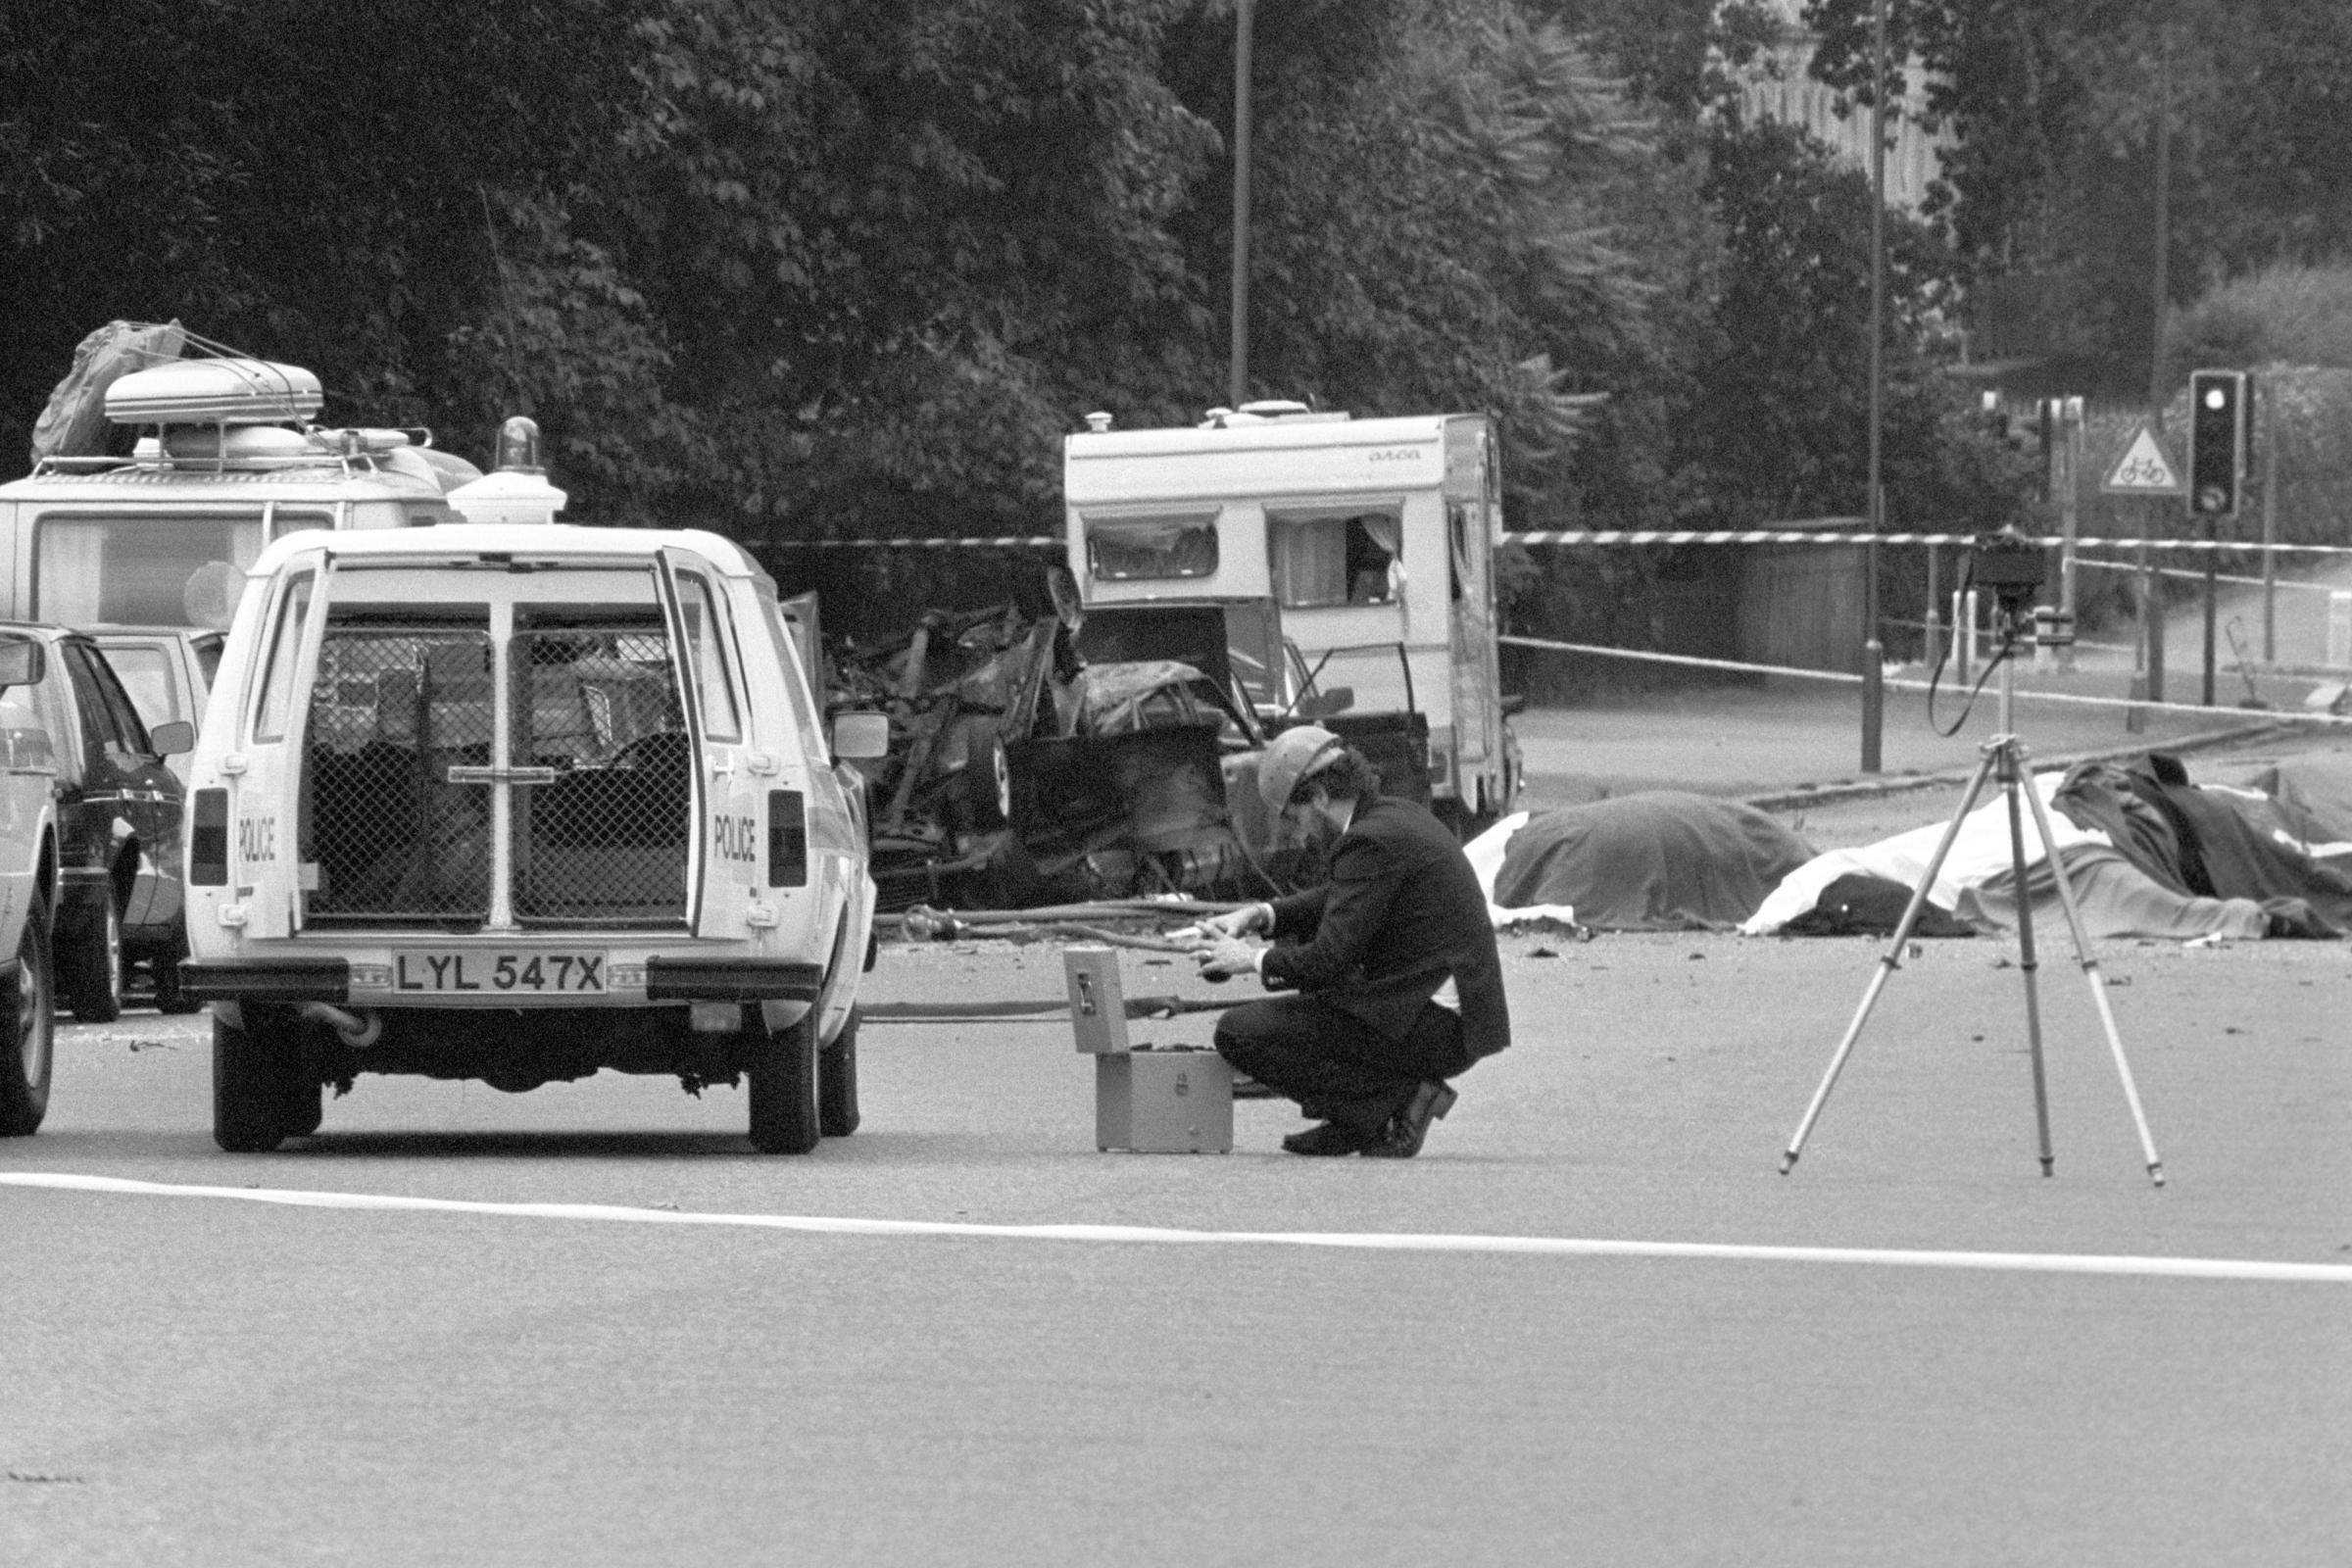 海德公园炸弹被指控于1972年因涉嫌谋杀两名士兵而被捕